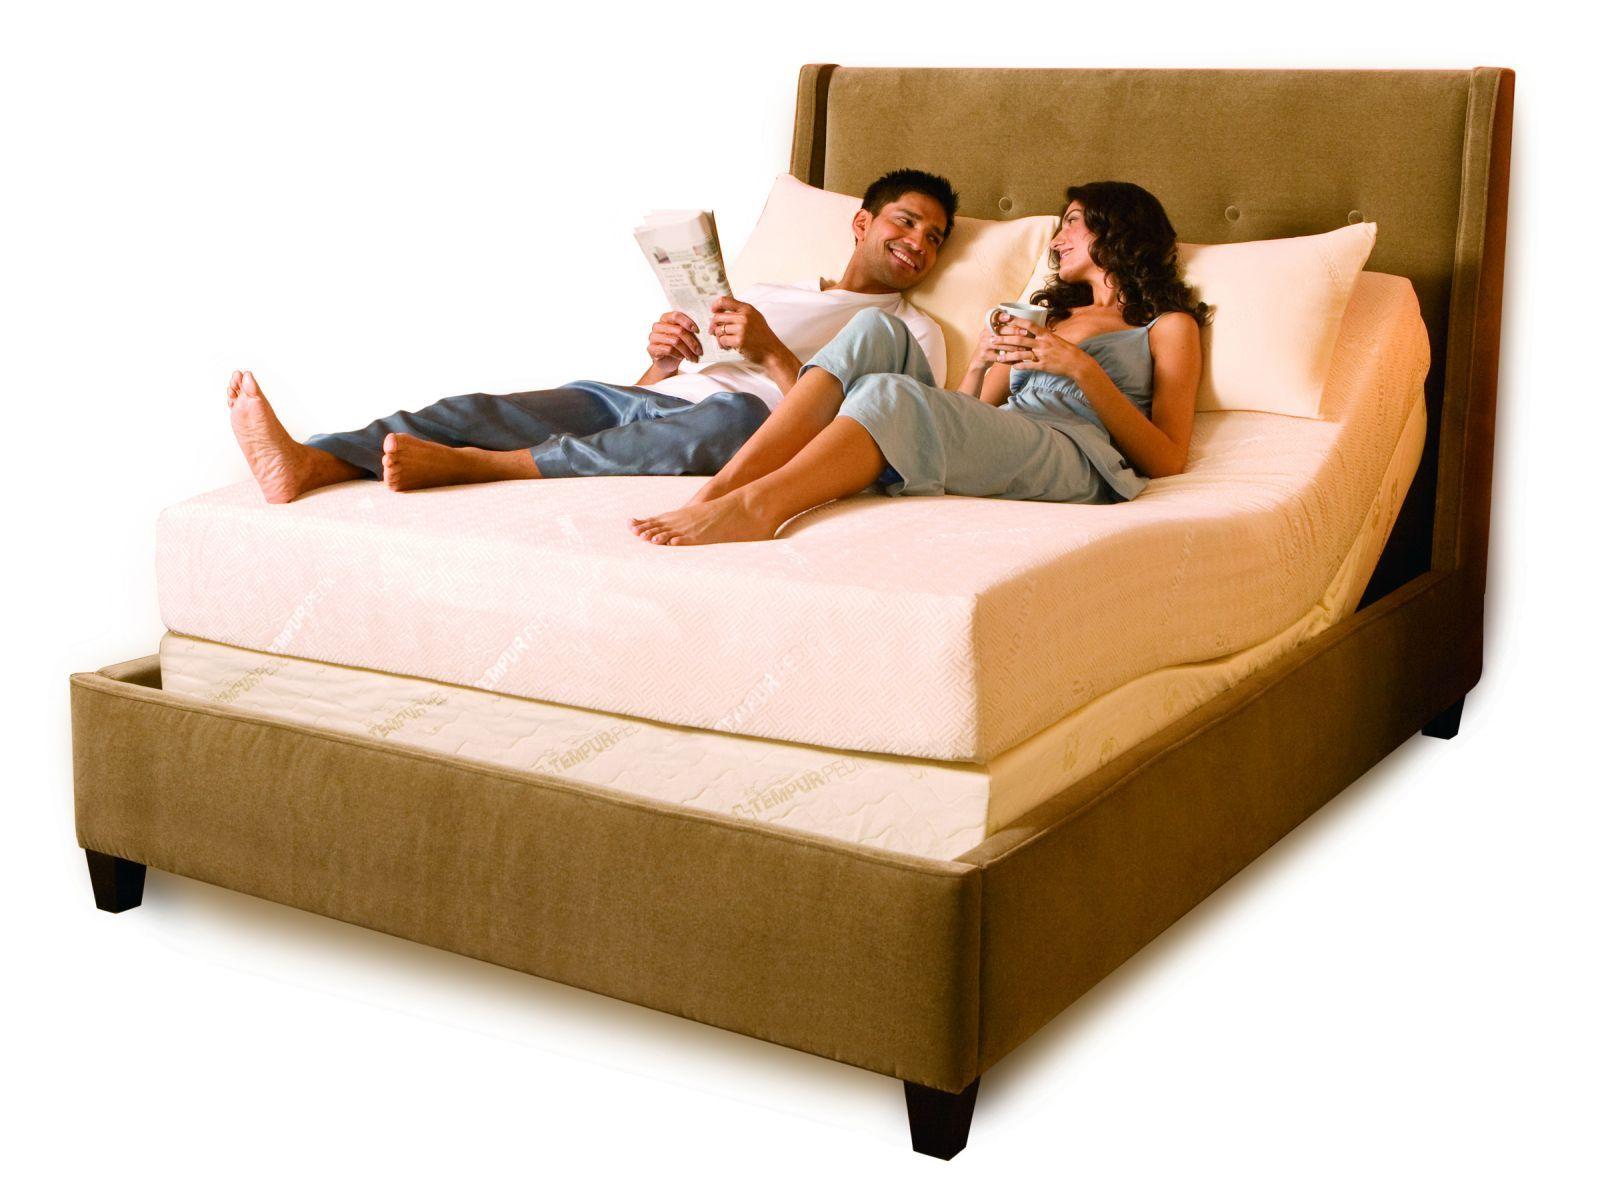 Beauty Adjustable Bed Frame Adjustable bed frame